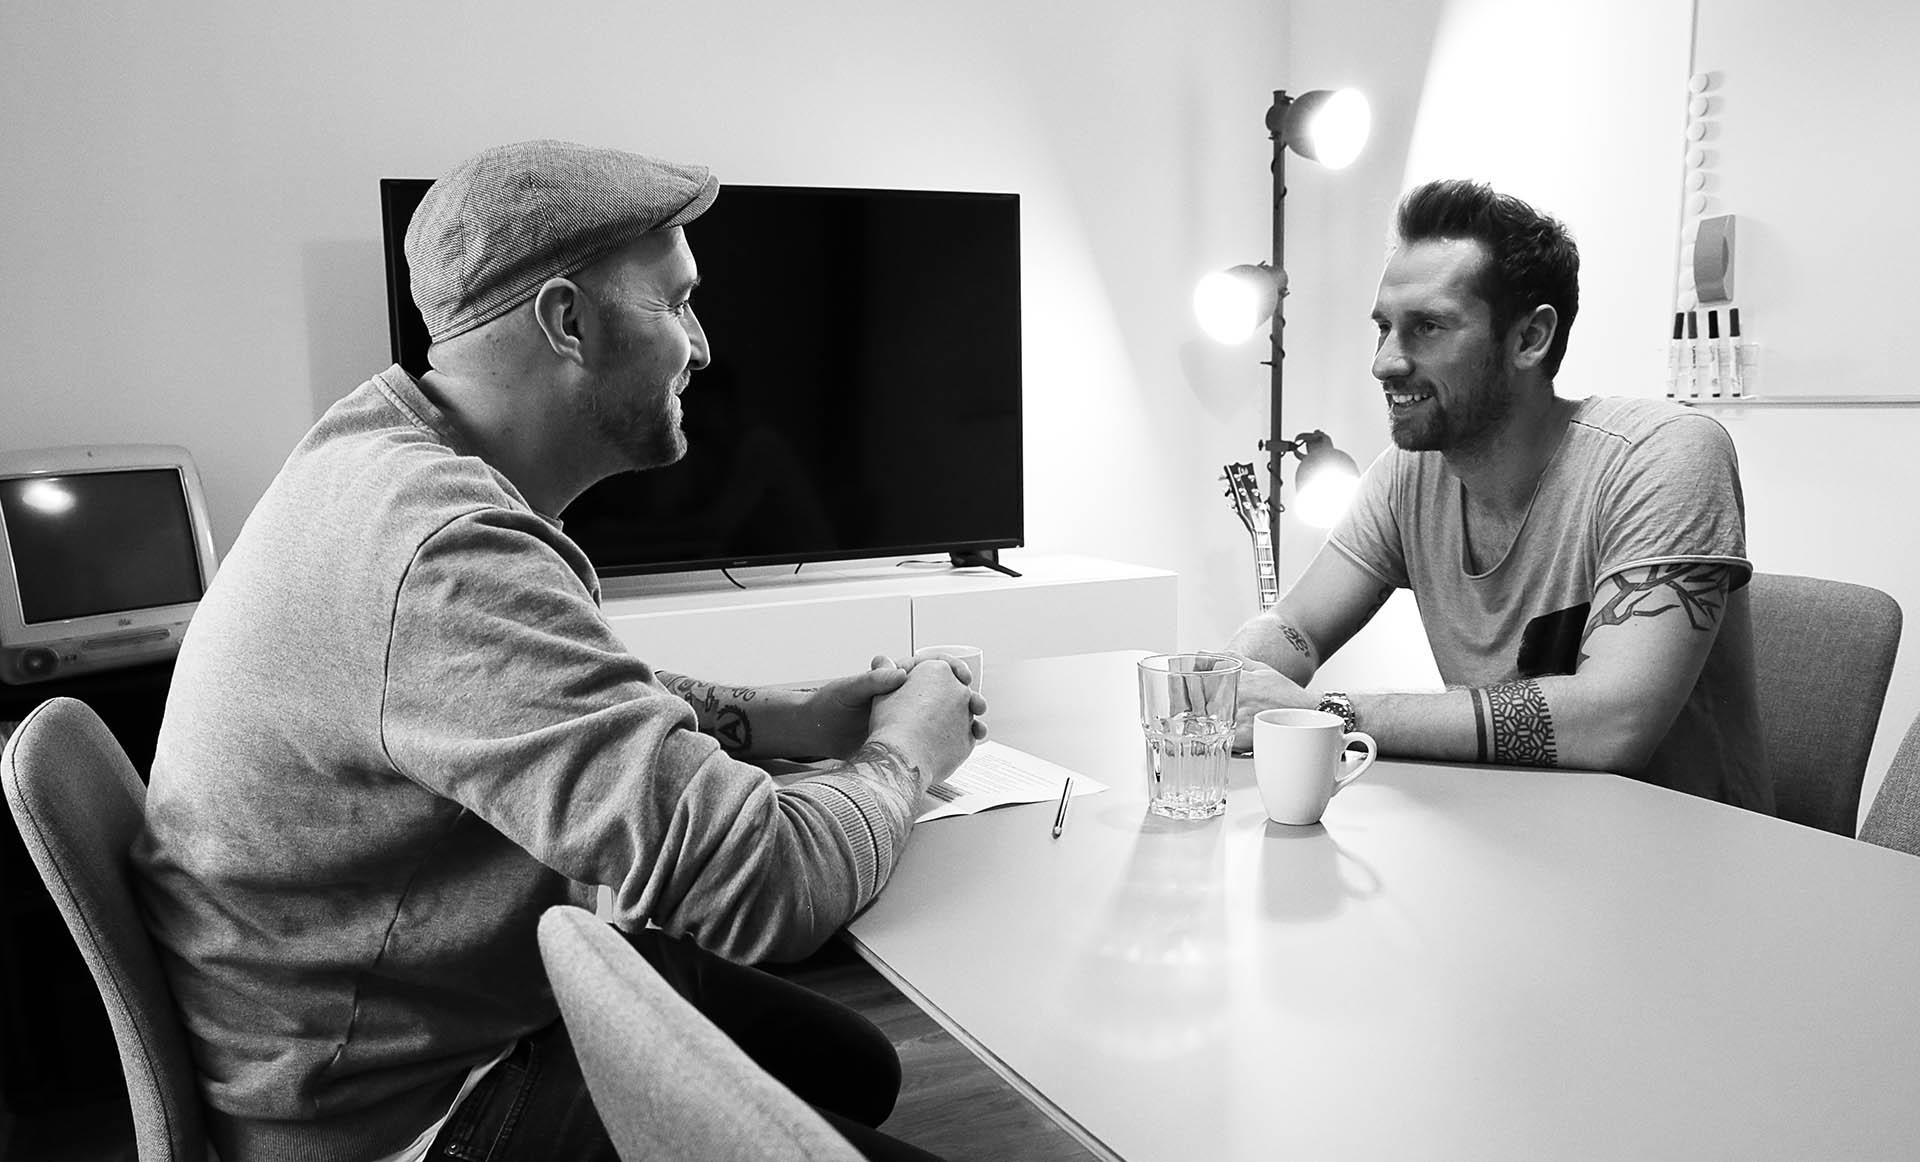 Florian Kozak von Johnny Be Good und Daniel Horak von Conda im Interview über Startups und Branding